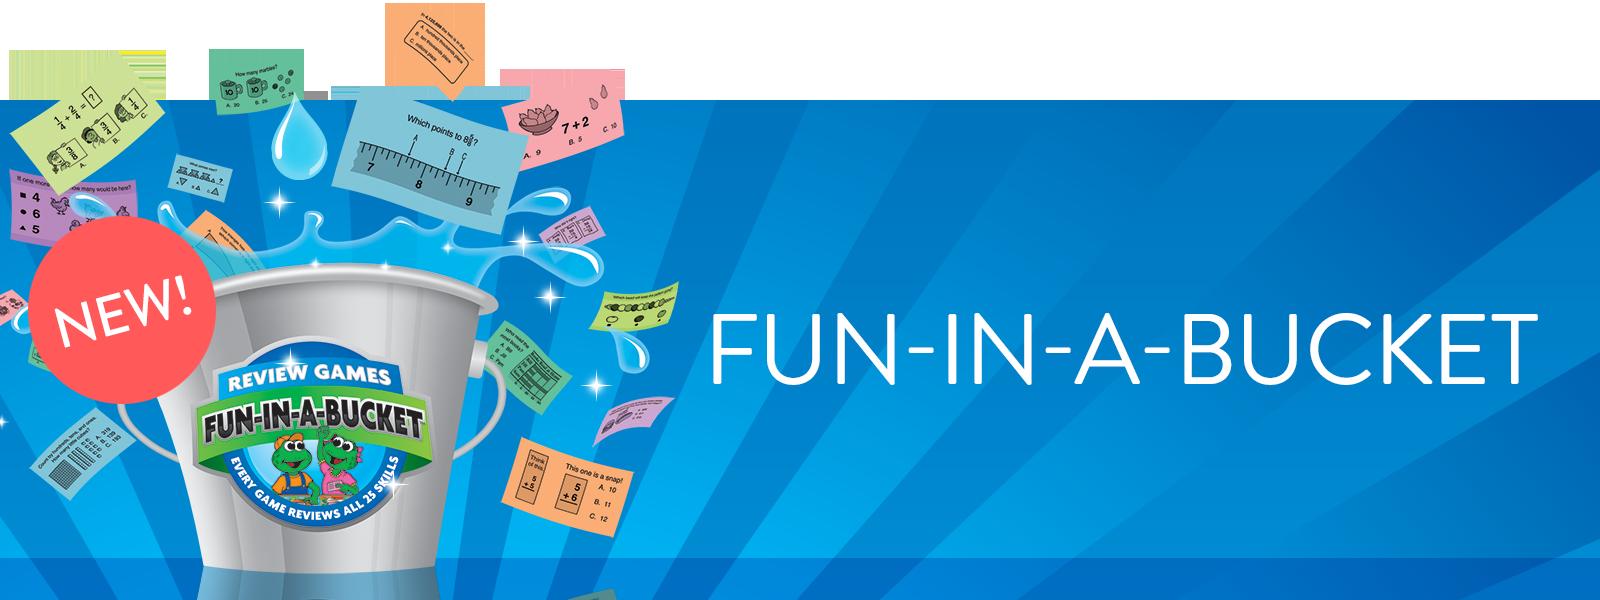 Fun-In-A-Bucket